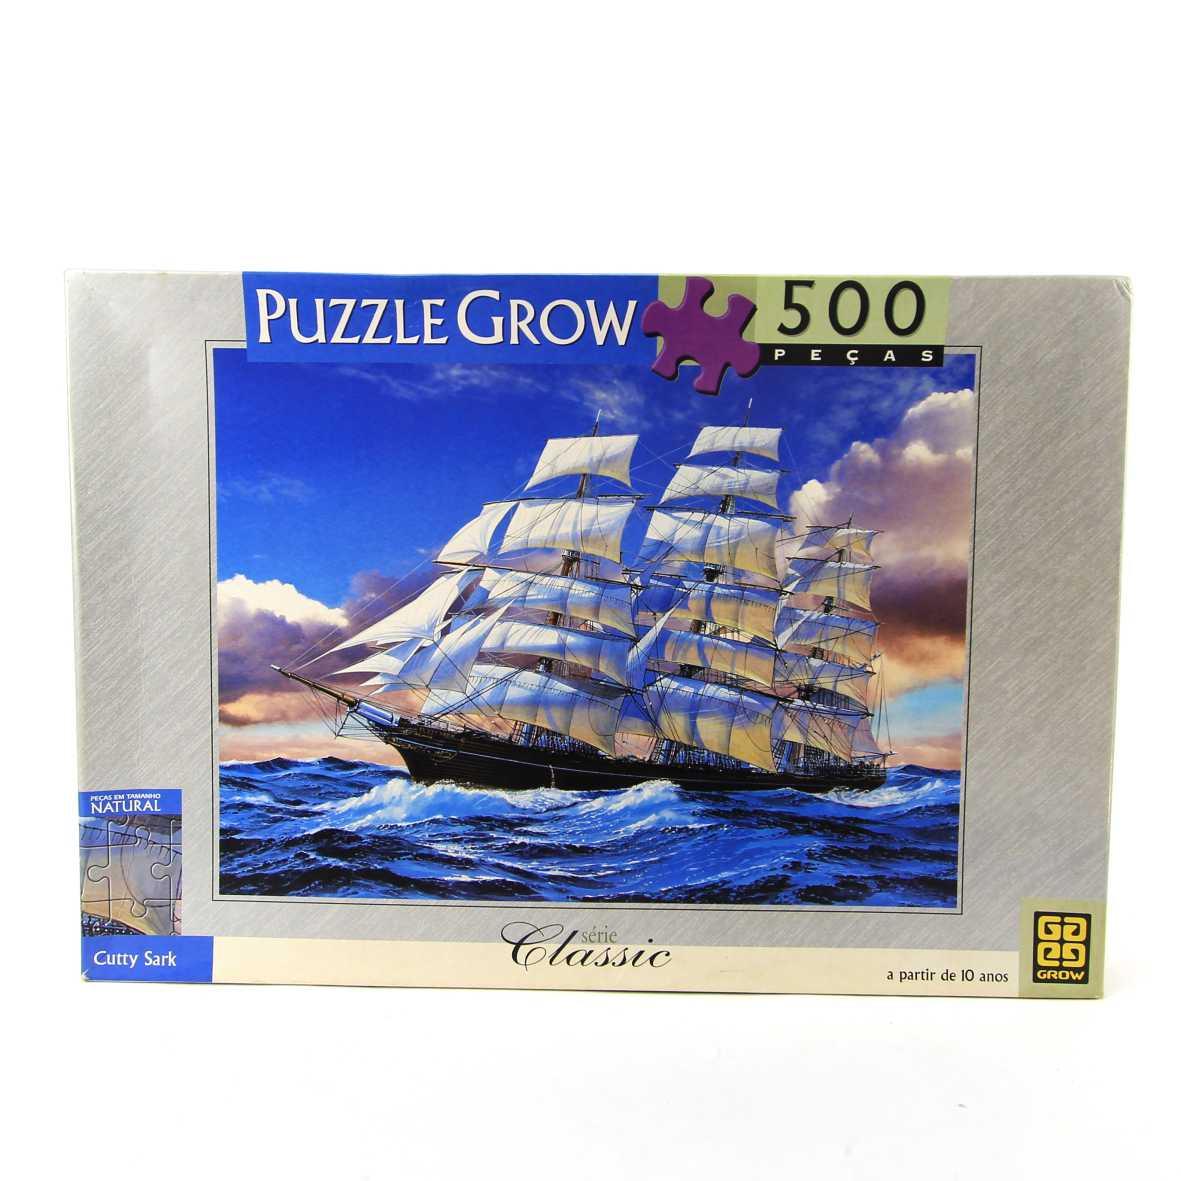 Quebra Cabeça Cutty Sark 500 peças Grow 02328